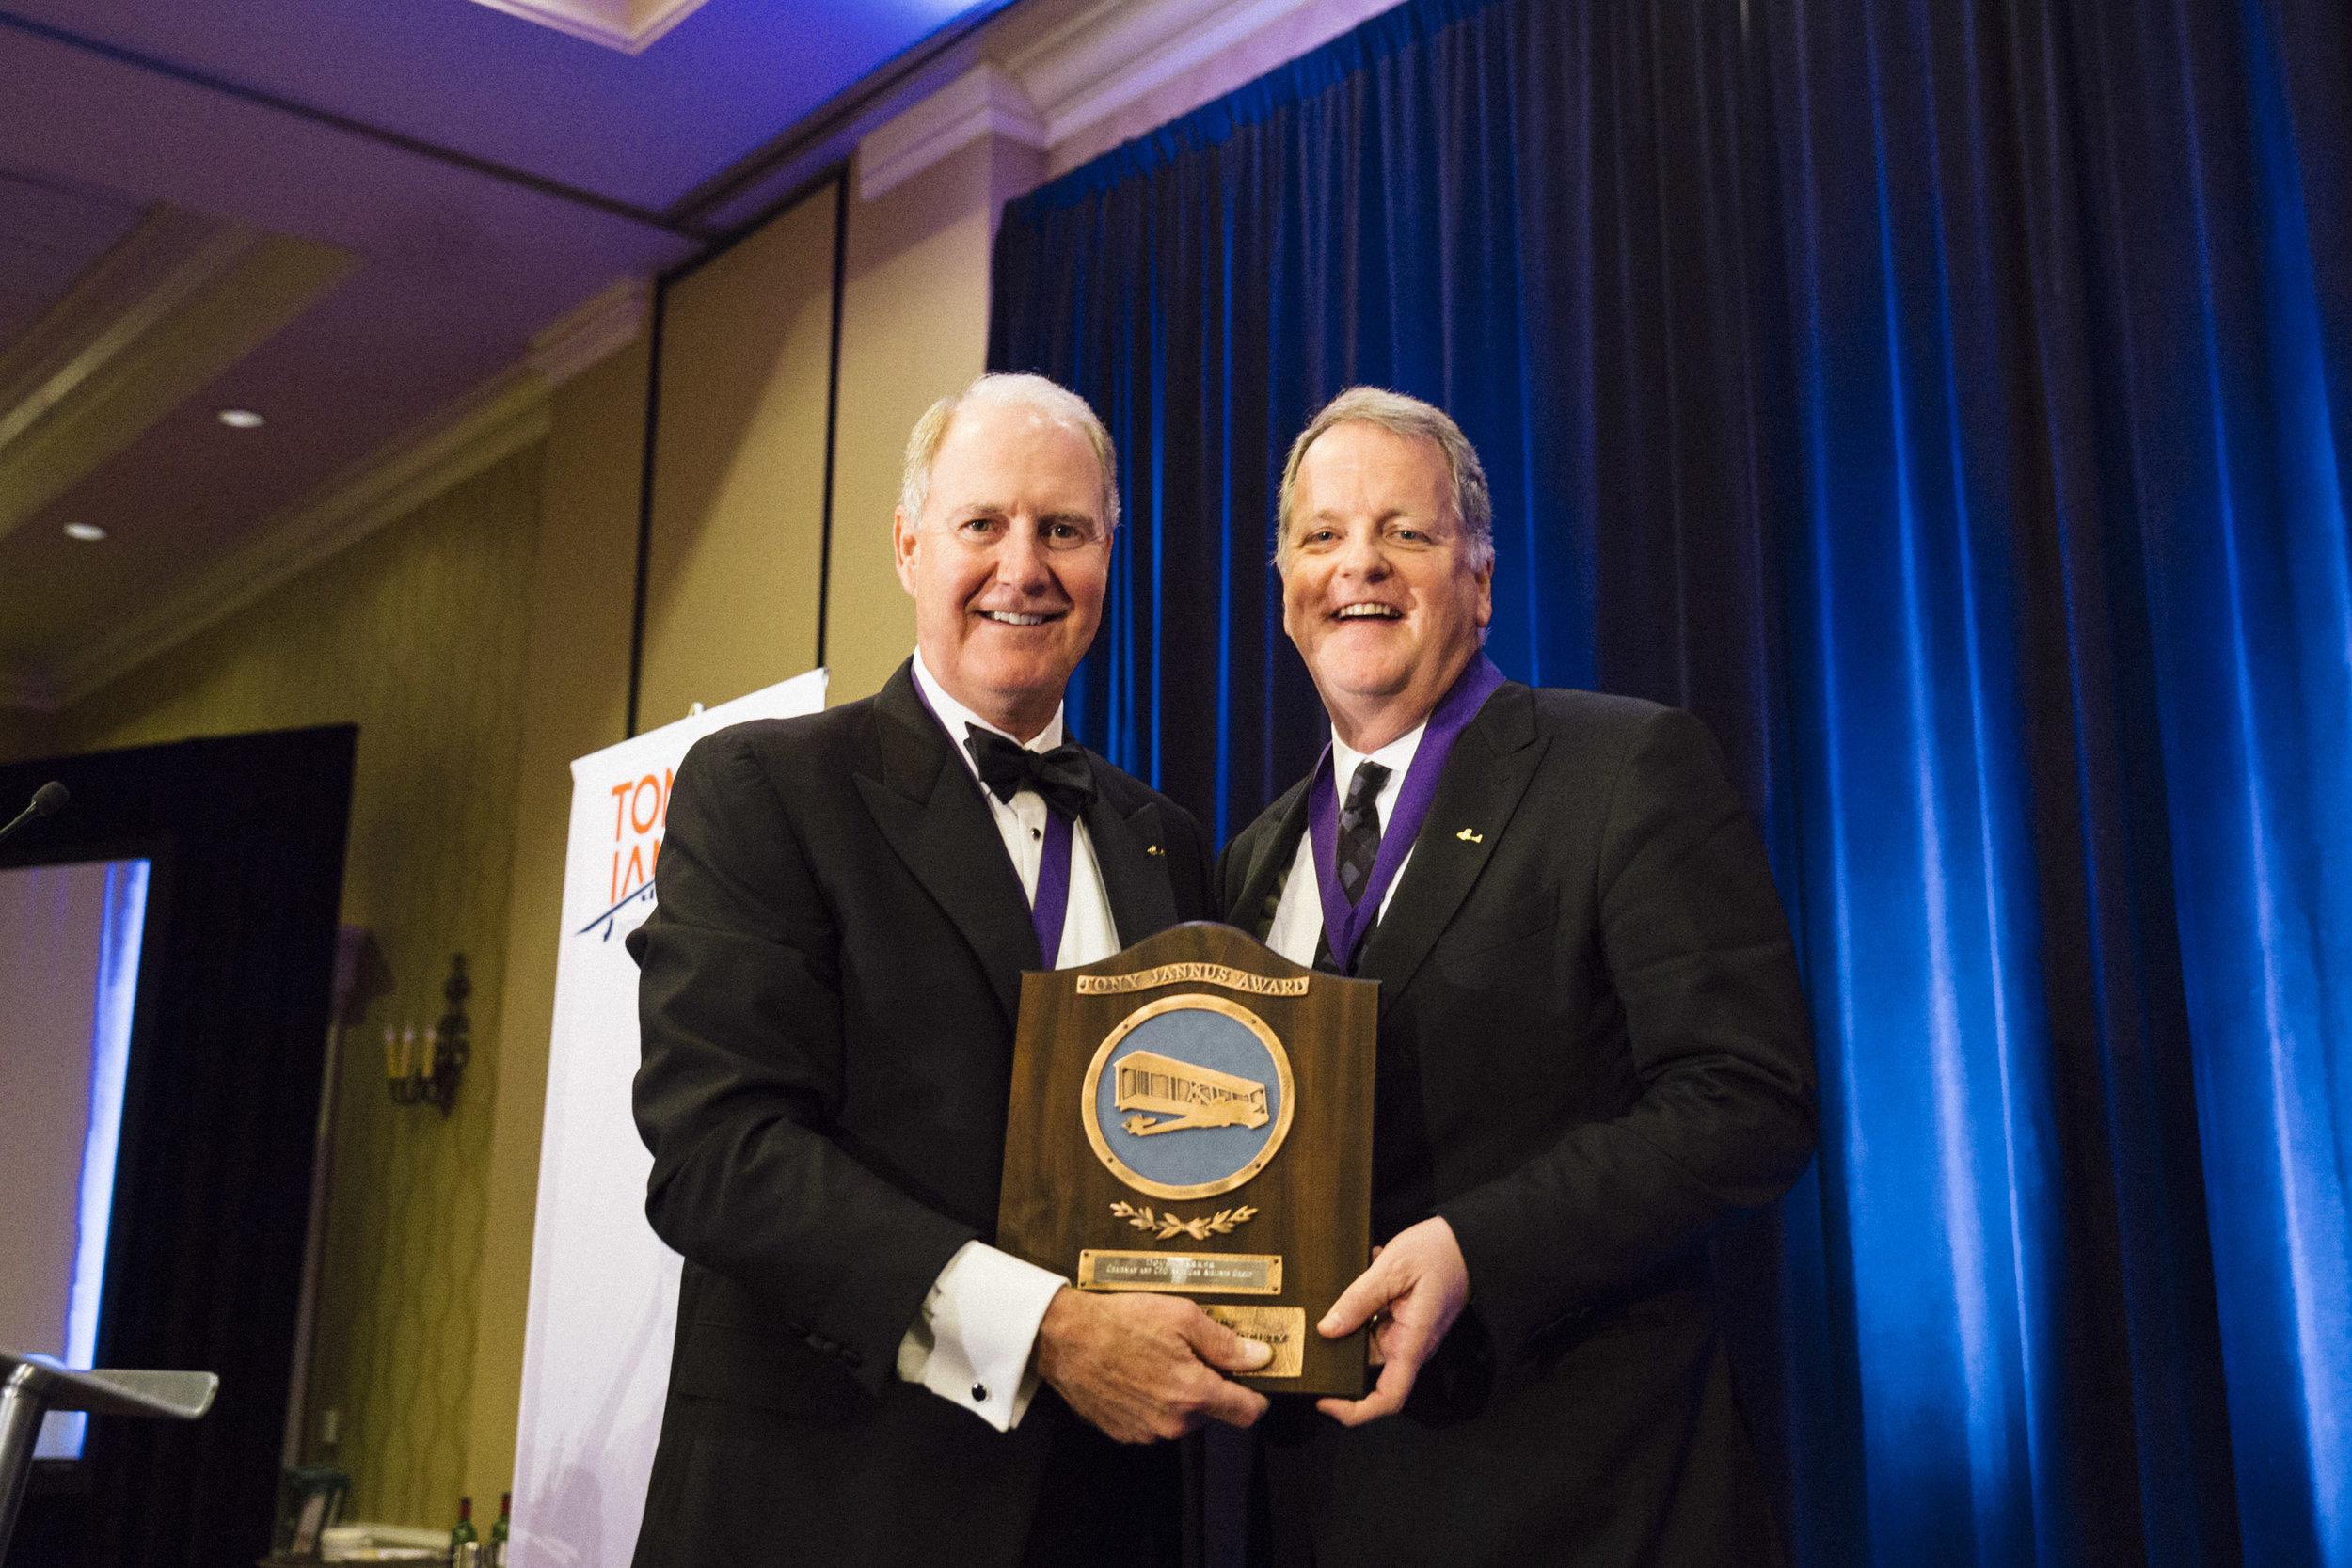 Gary Kelly presenting the Tony Jannus Award to Doug Parker